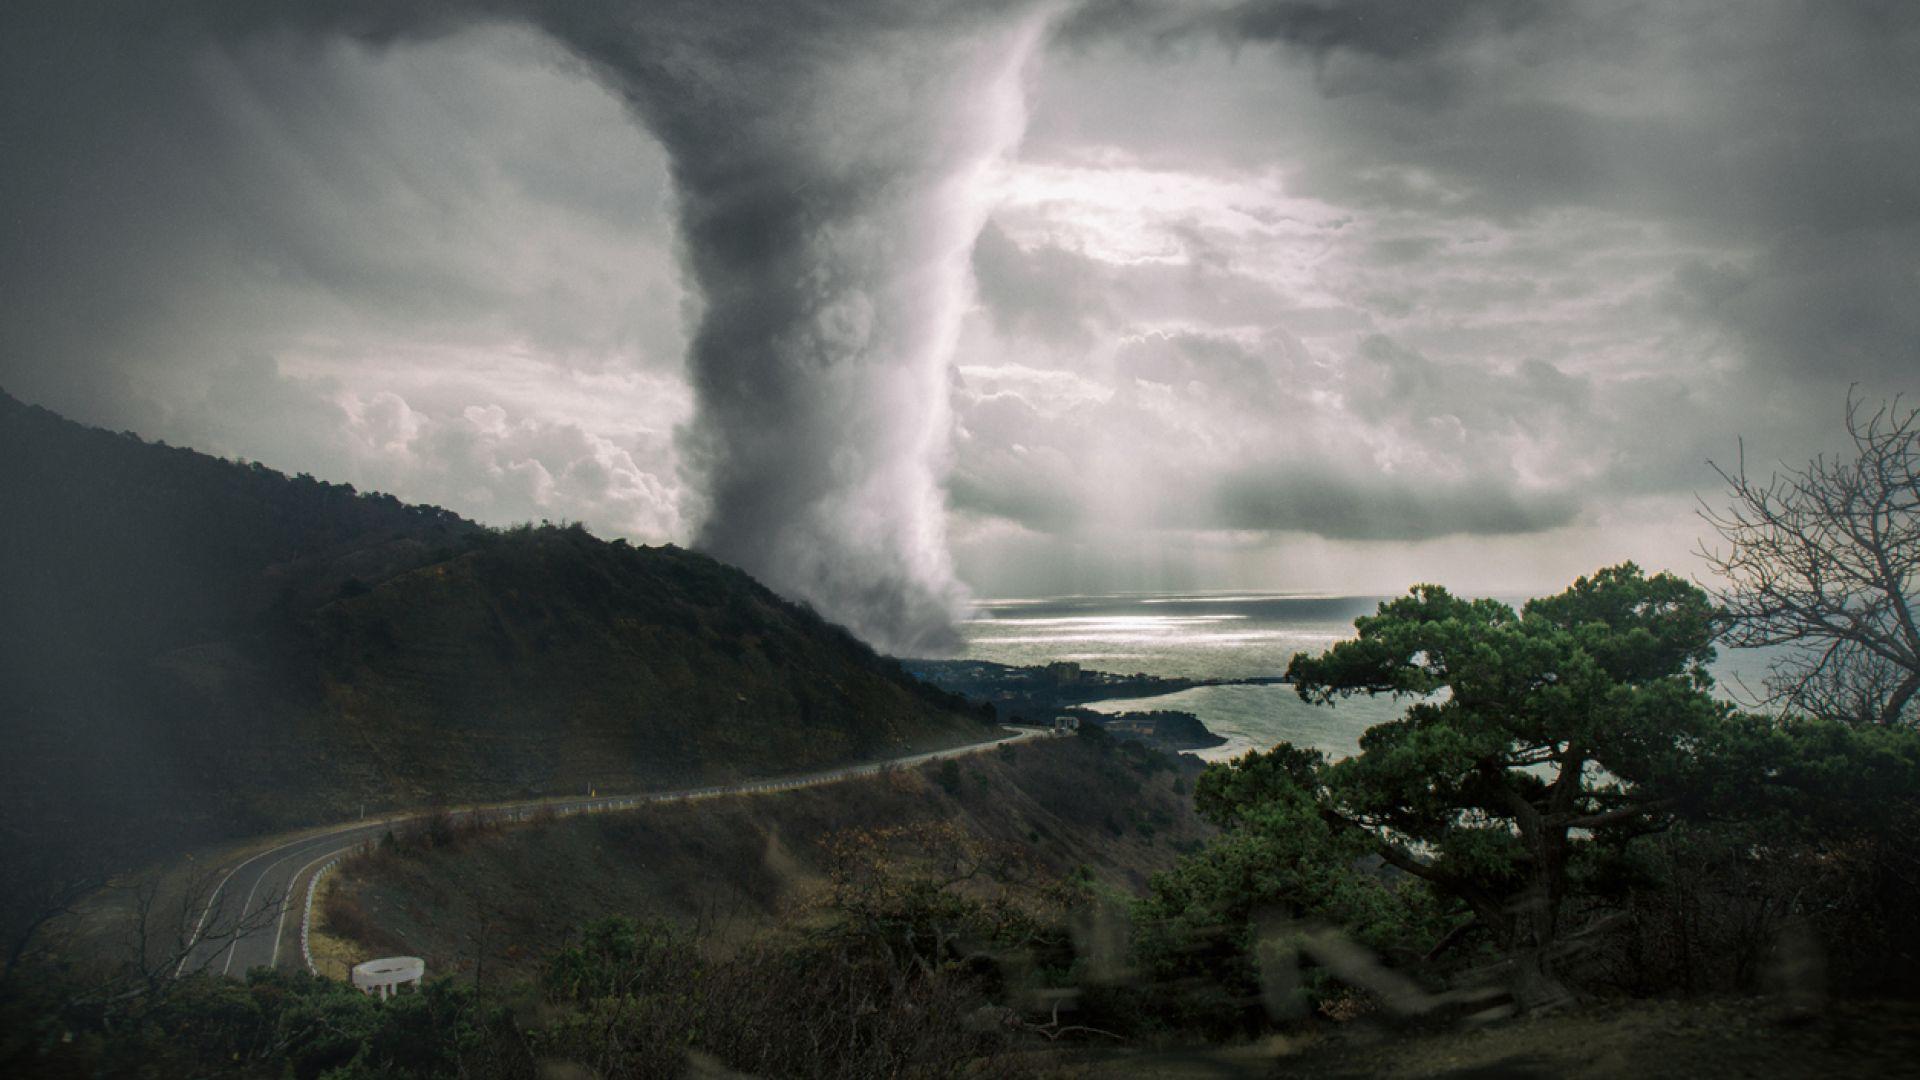 Картинки смерчи тайфуны ураганы землетрясения наводнения